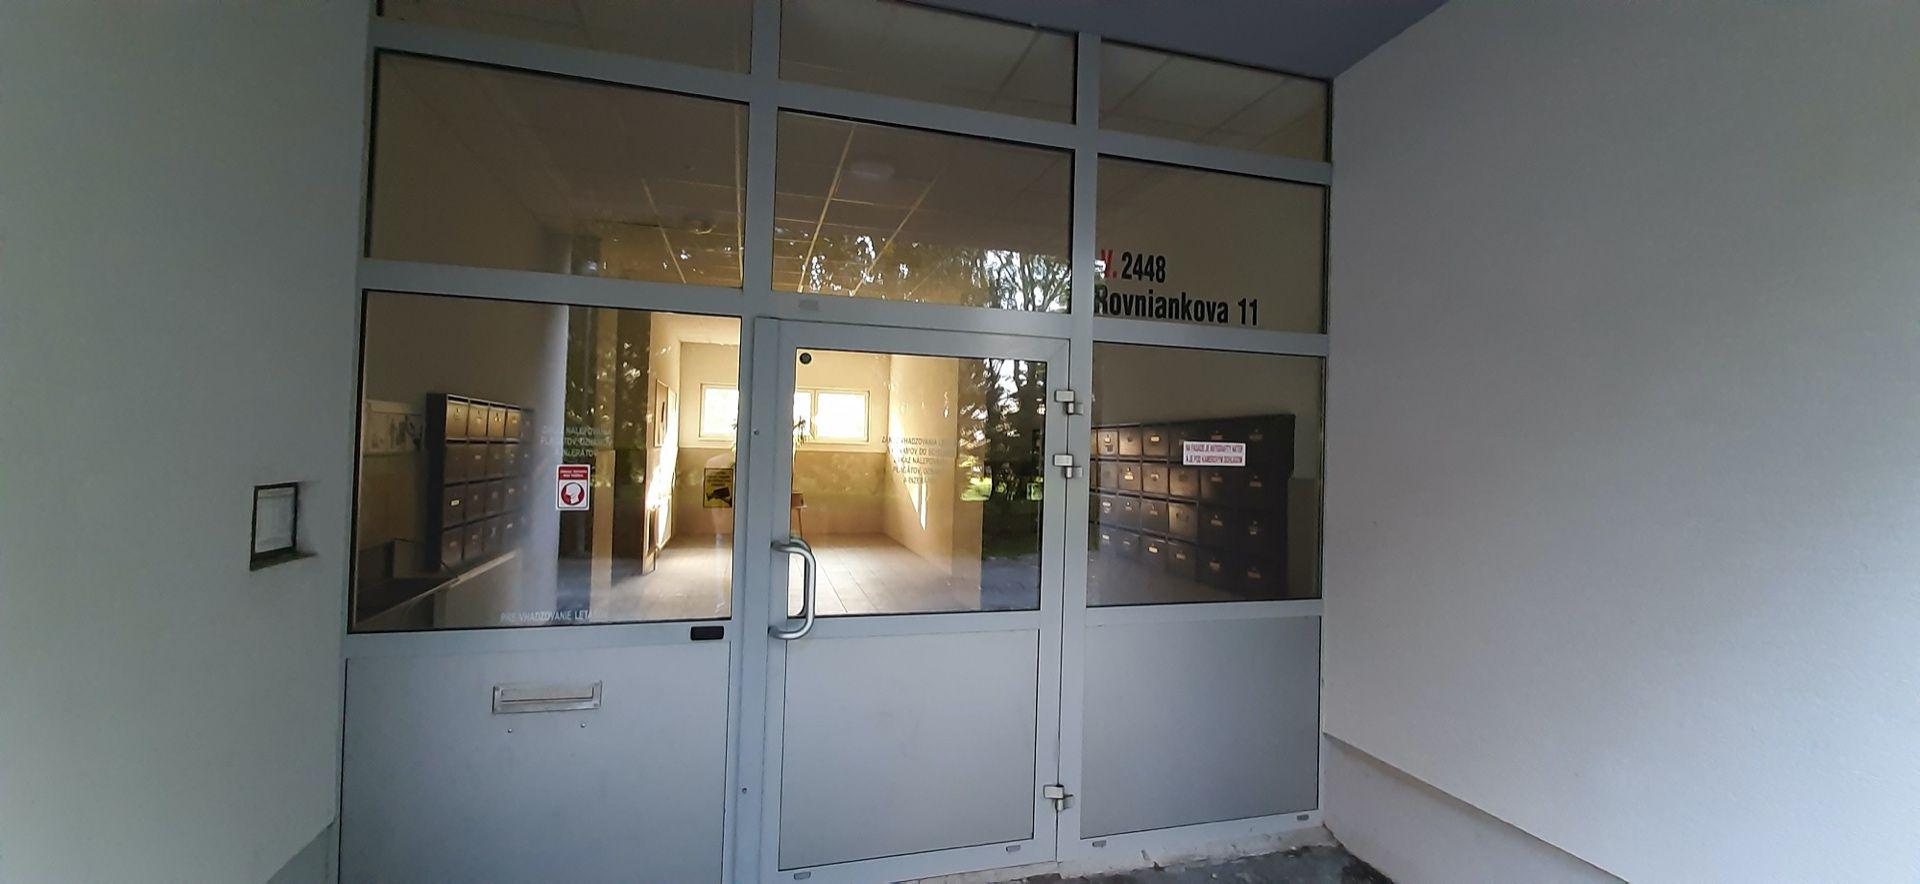 Bytový dom: Rovniankova 9, 11, Bratislava